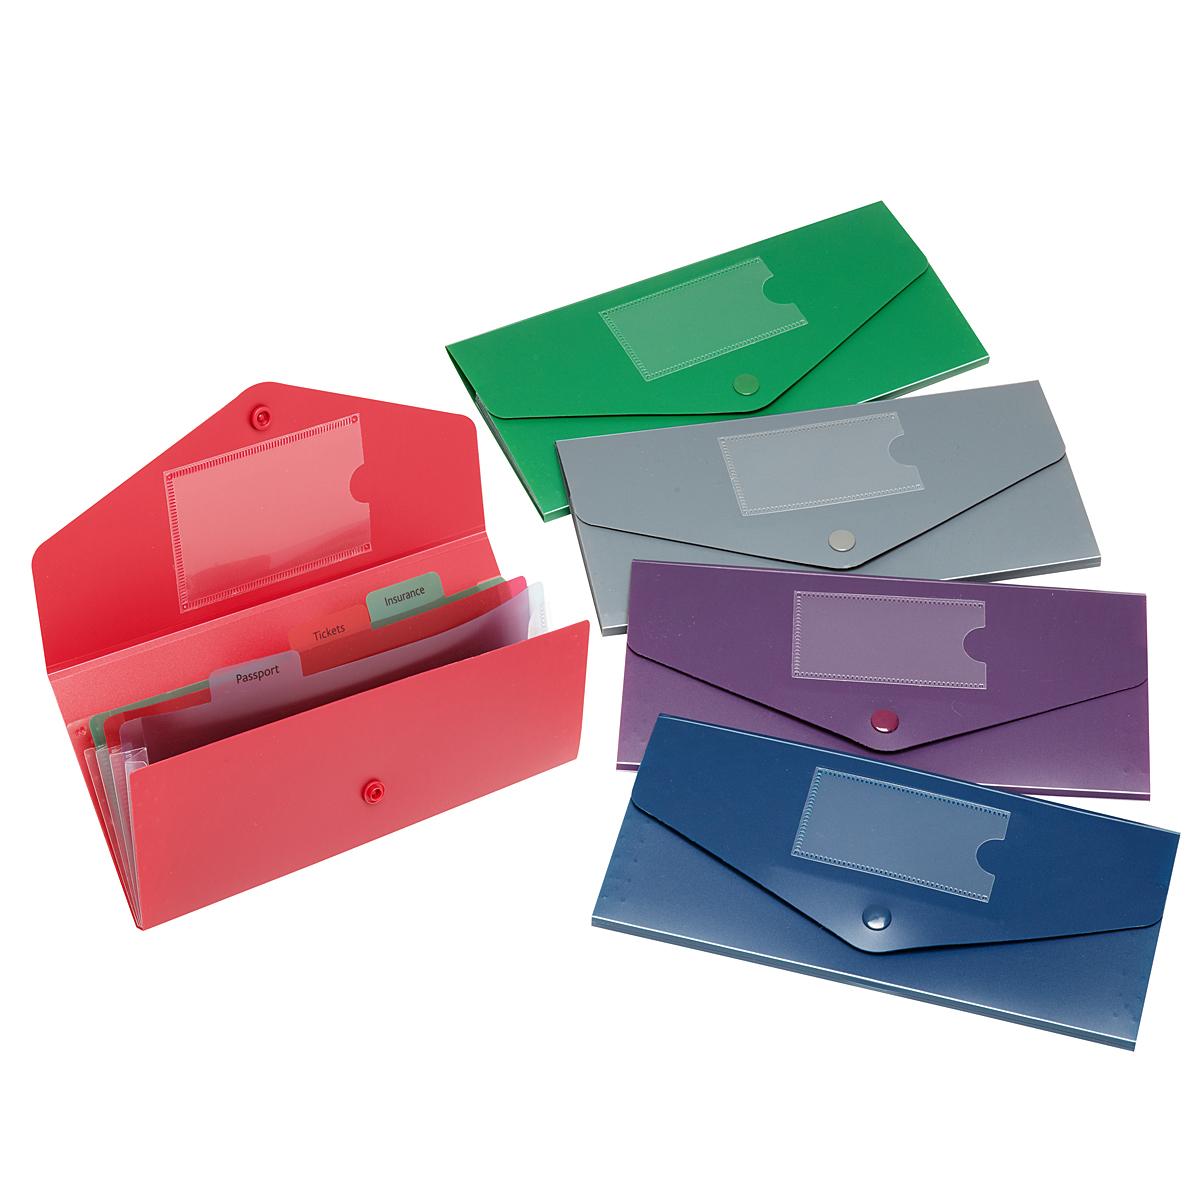 Папка-конверт на кнопке Snopake Fusion DL Travel Holder, цвет: синийK15699Папка-конверт на кнопке Snopake Fusion DL Travel Holder - это удобный и функциональный офисный инструмент, предназначенный для хранения и транспортировки документов.Папка изготовлена из износостойкого полипропилена с рельефной текстурой, закрывается клапаном на кнопку.Содержит три отделения: для паспорта, билетов и страхового полиса. На внутренней стороне клапана находится карман для кредитной карточки, на внешней - для визитной.Папка-конверт - идеальный вариант для путешествий. Такая папка надежно сохранит ваши документы и сбережет их от повреждений, пыли и влаги. Она сочетает в себе классический дизайн и неизменно высокое качество Snopake.